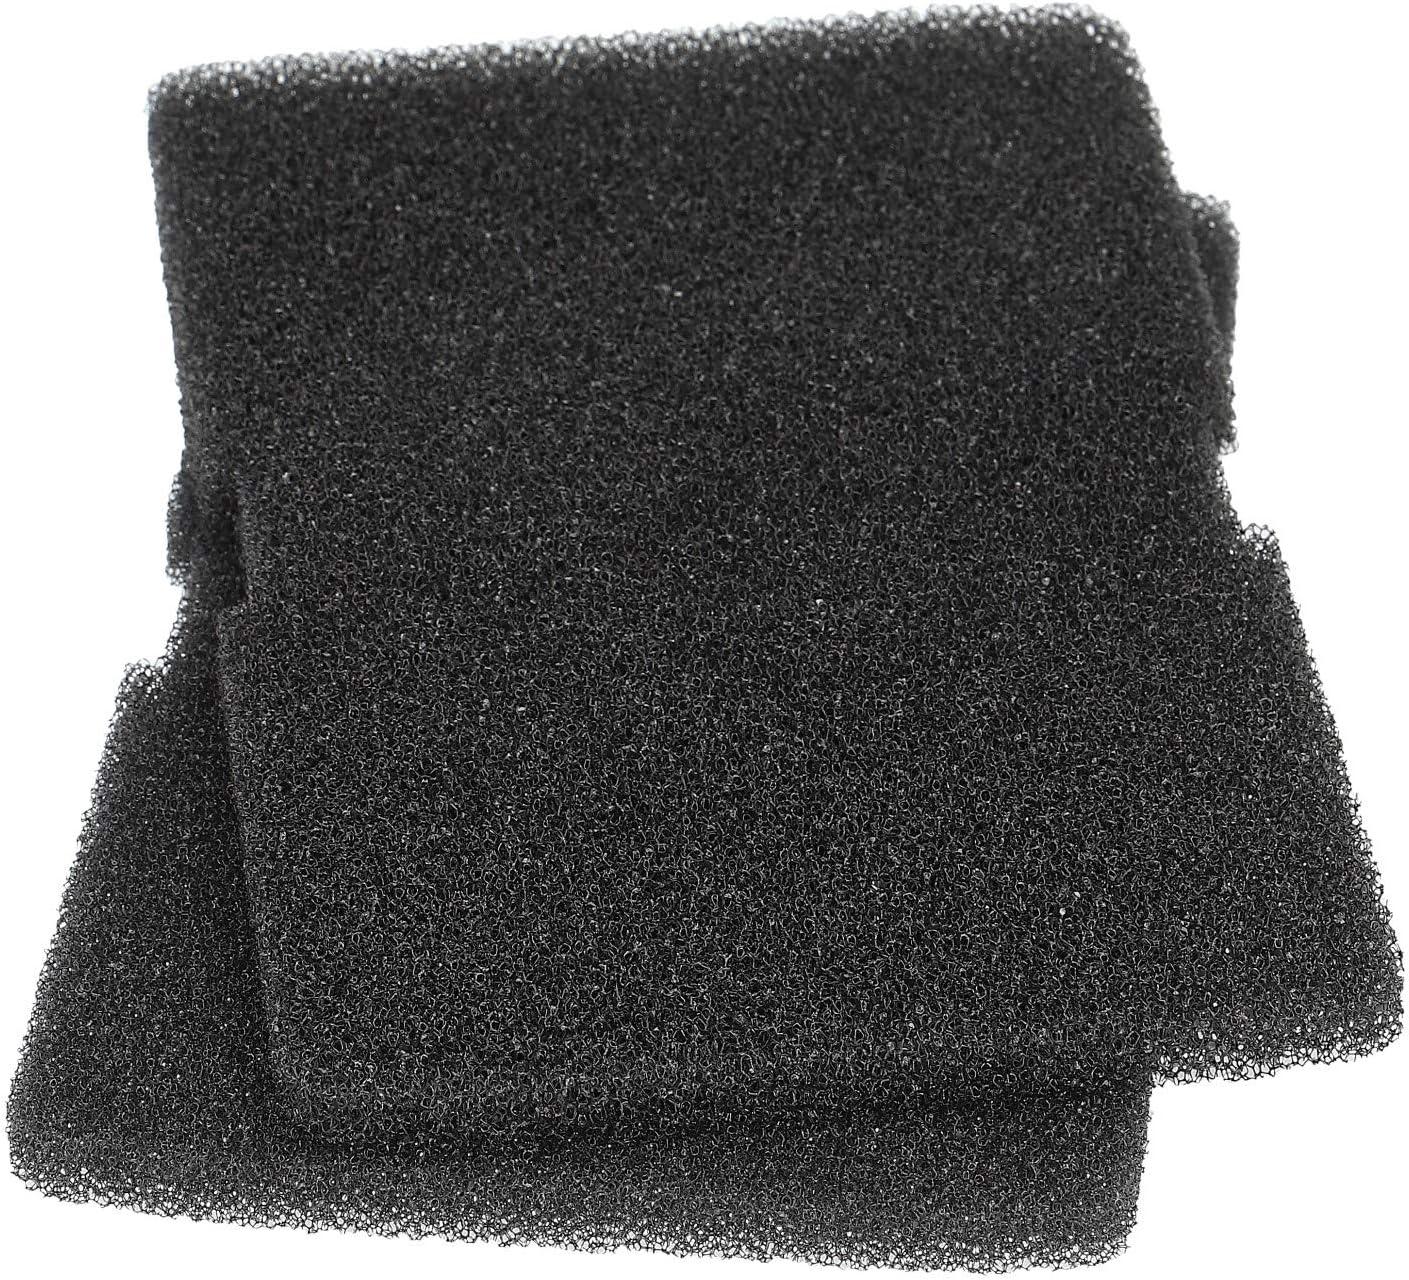 2x filtro para secadora de ropa Beko 2964840100 filtro base 240x155mm